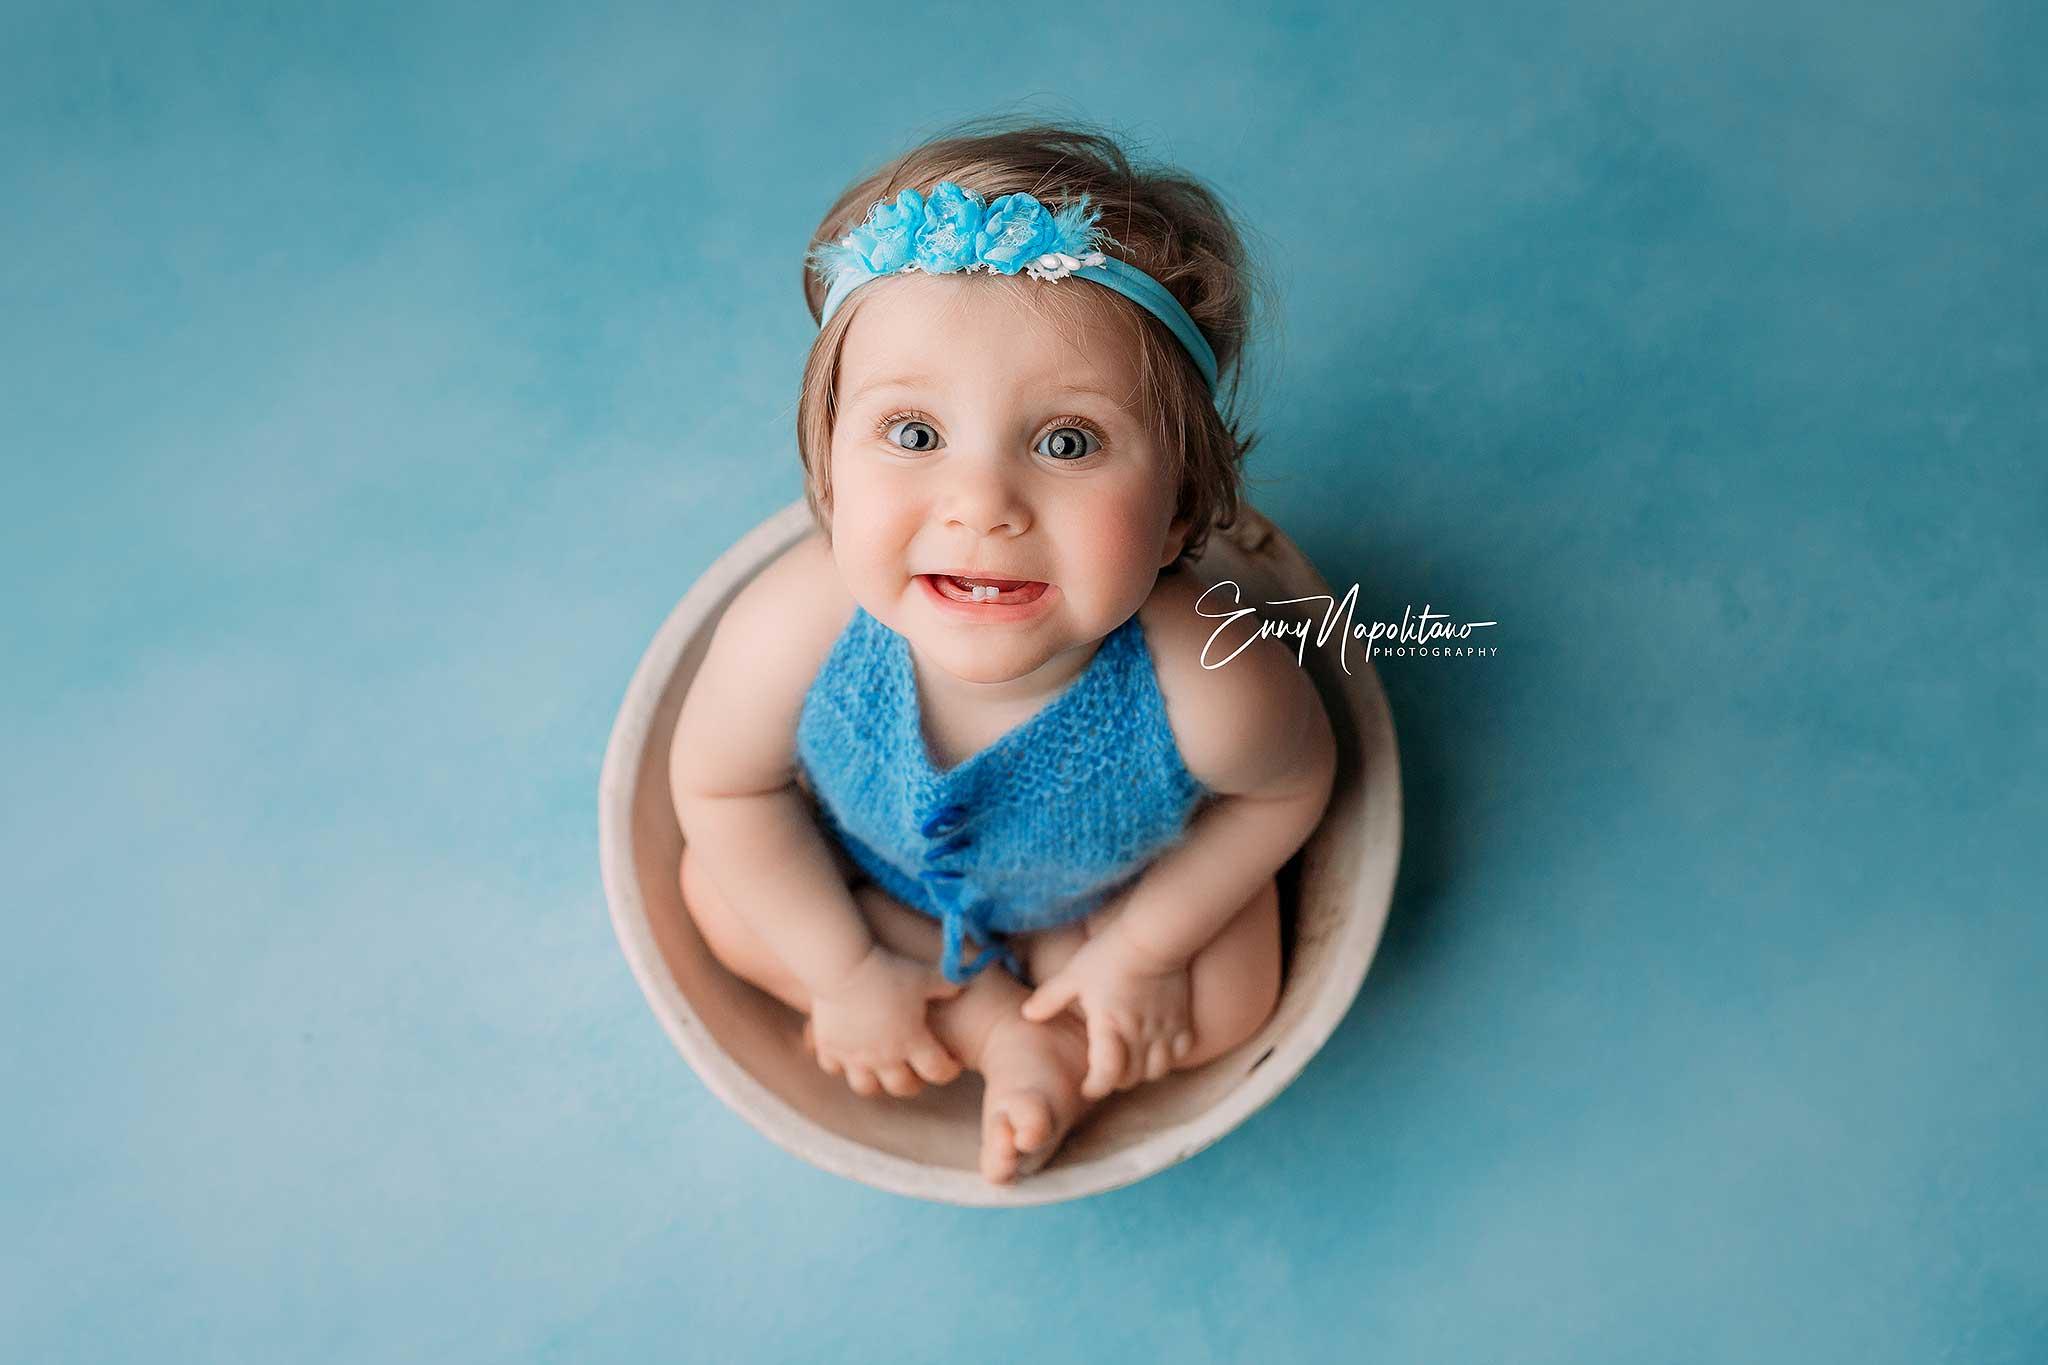 come fotografare un bambino